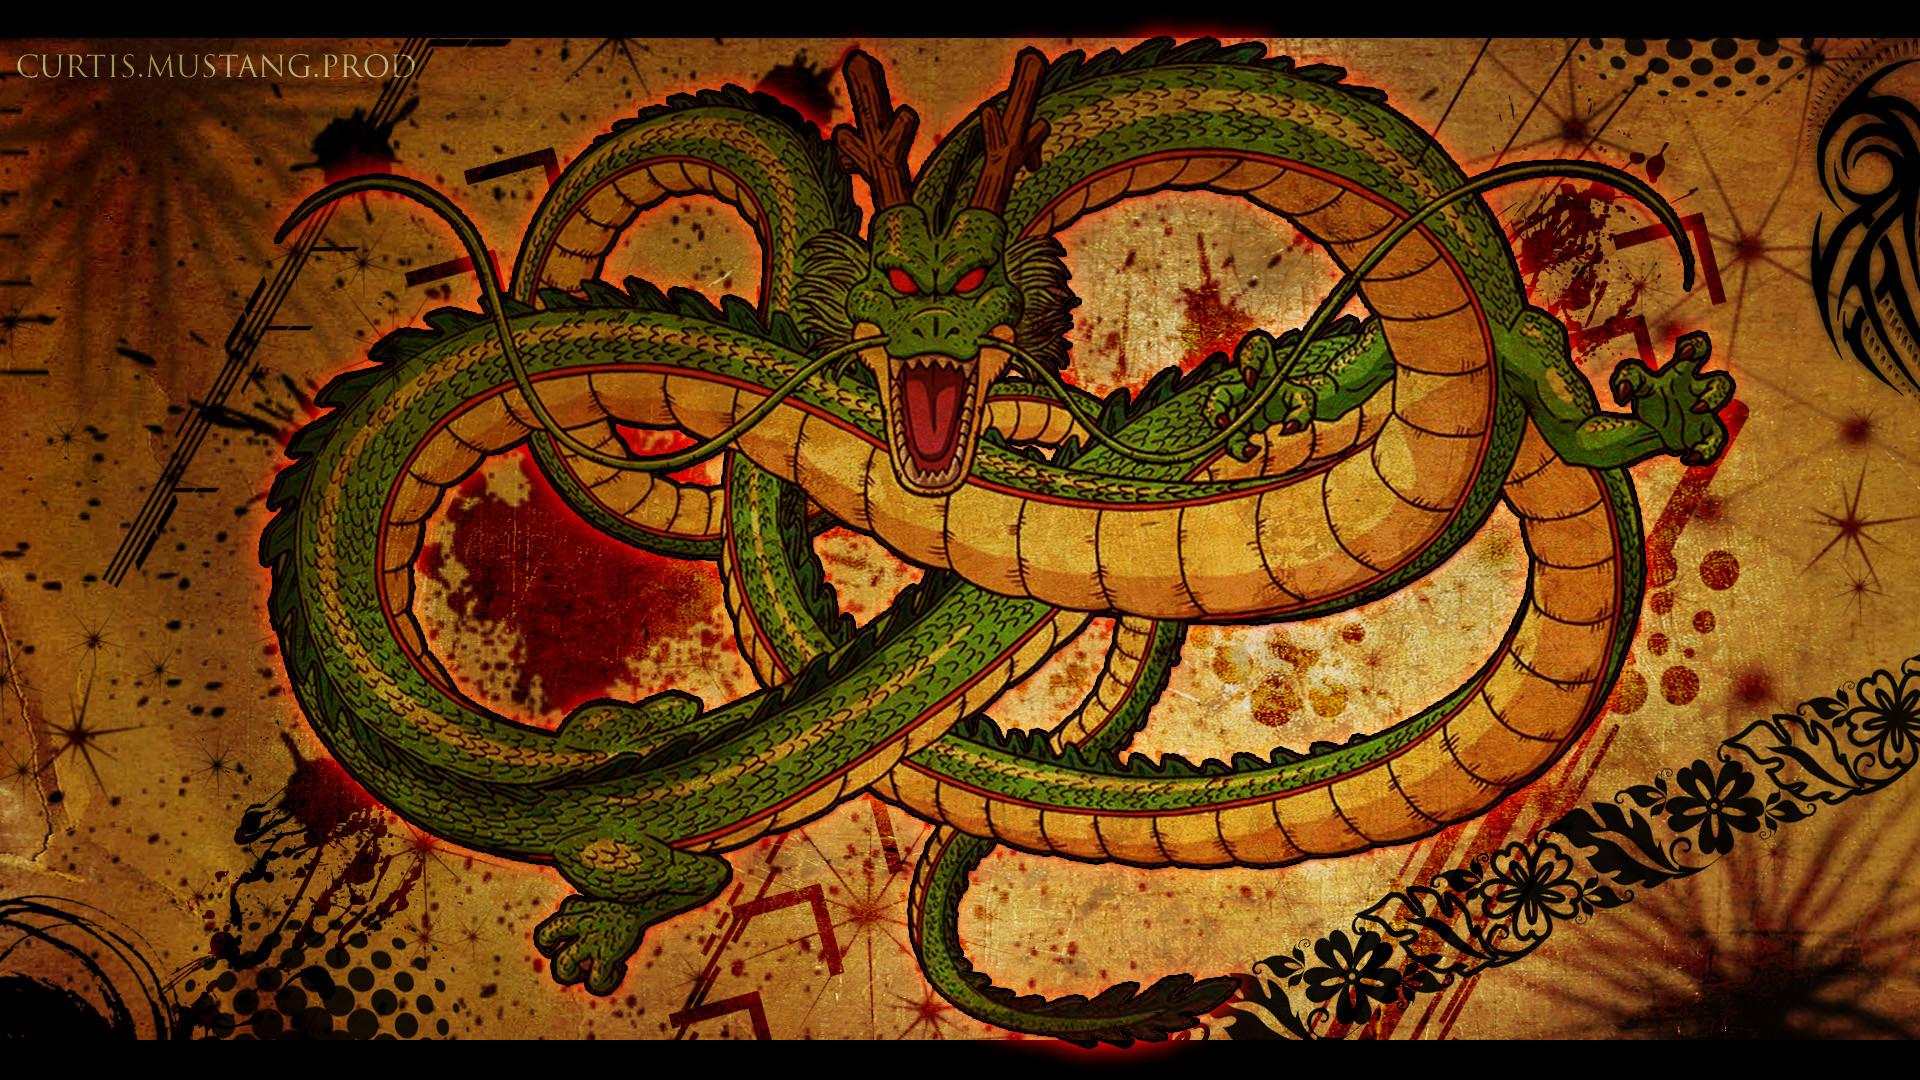 Dragon Ball Z Shenron Dragon Wallpaper 1920 x 1080px 1920x1080